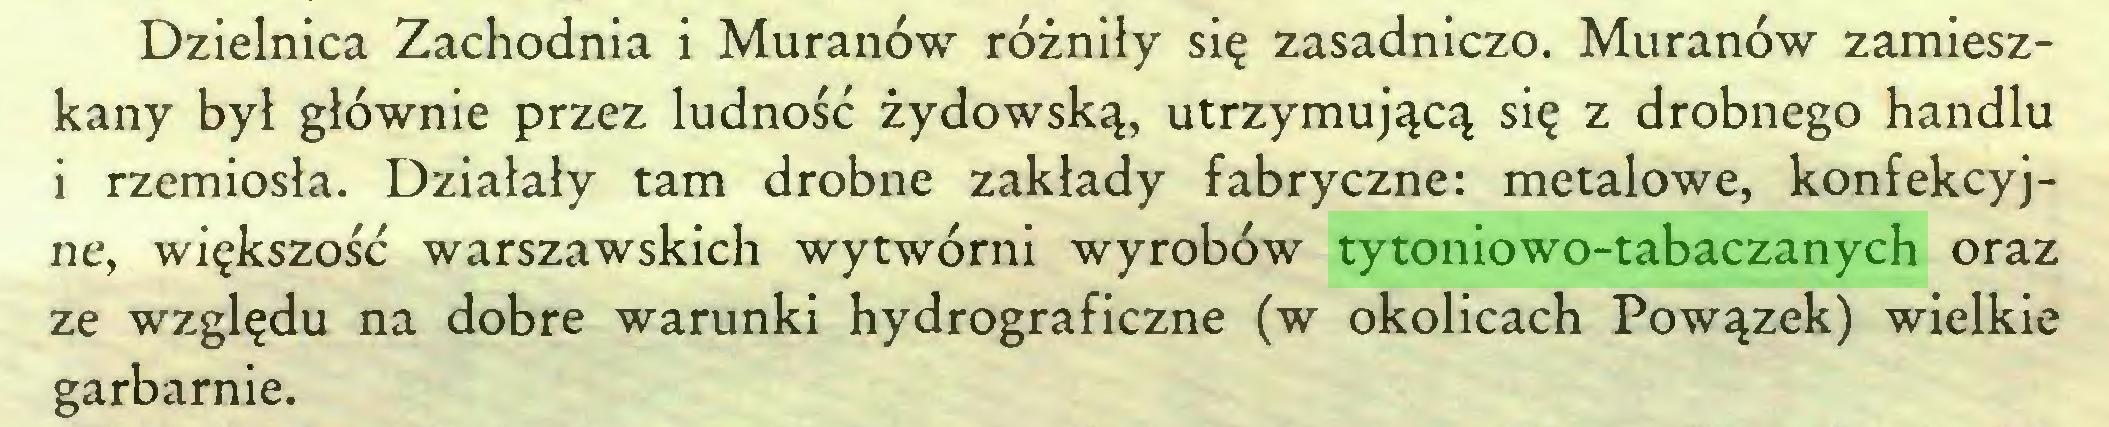 (...) Dzielnica Zachodnia i Muranów różniły się zasadniczo. Muranów zamieszkany był głównie przez ludność żydowską, utrzymującą się z drobnego handlu i rzemiosła. Działały tam drobne zakłady fabryczne: metalowe, konfekcyjne, większość warszawskich wytwórni wyrobów tytoniowo-tabaczanych oraz ze względu na dobre warunki hydrograficzne (w okolicach Powązek) wielkie garbarnie...